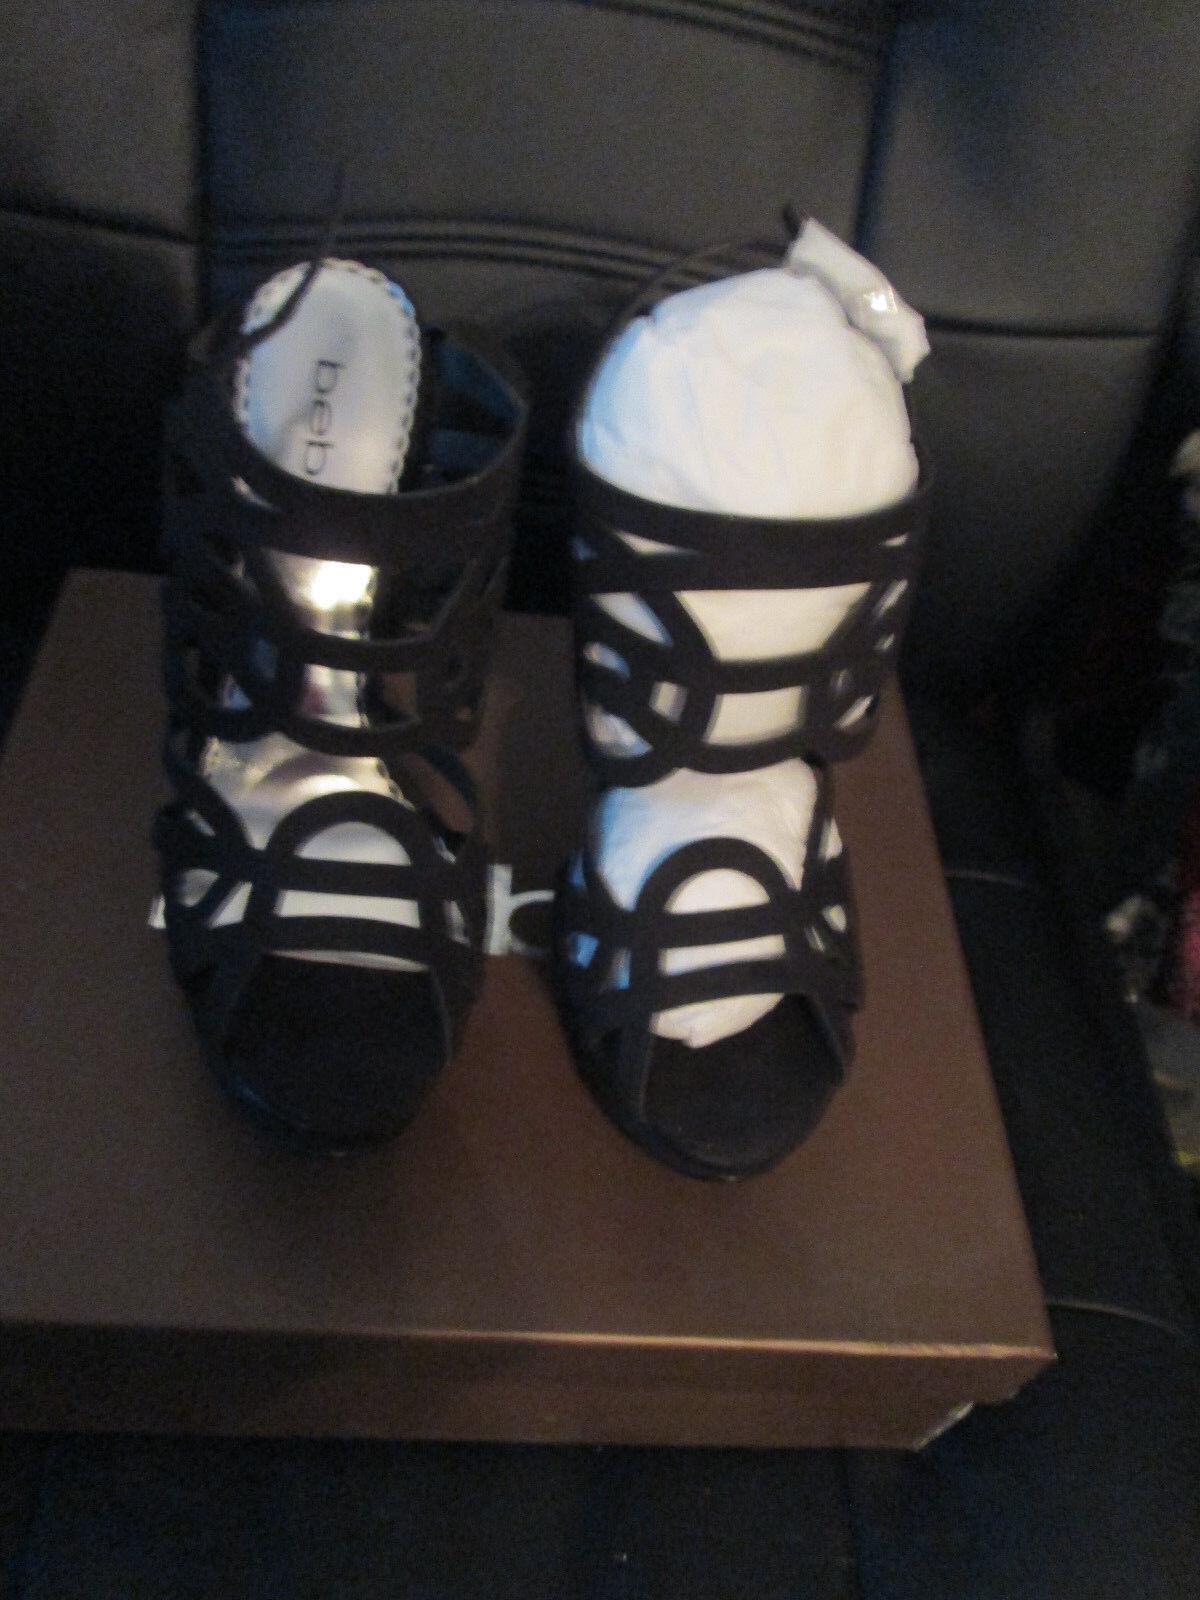 vendita calda Bebe promise scarpe scarpe scarpe new 7.5  profitto zero